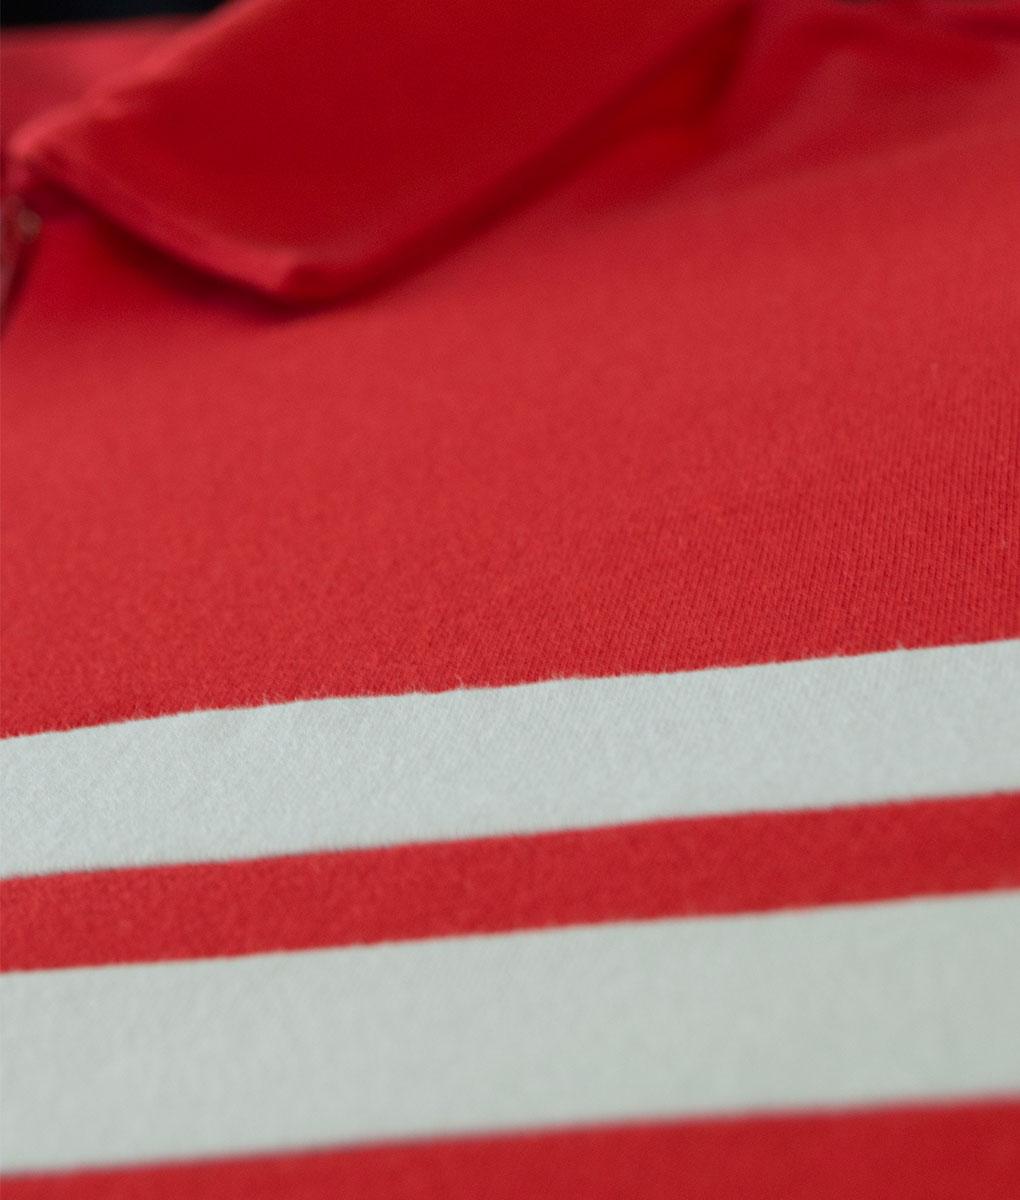 detalle-roja-rayas2